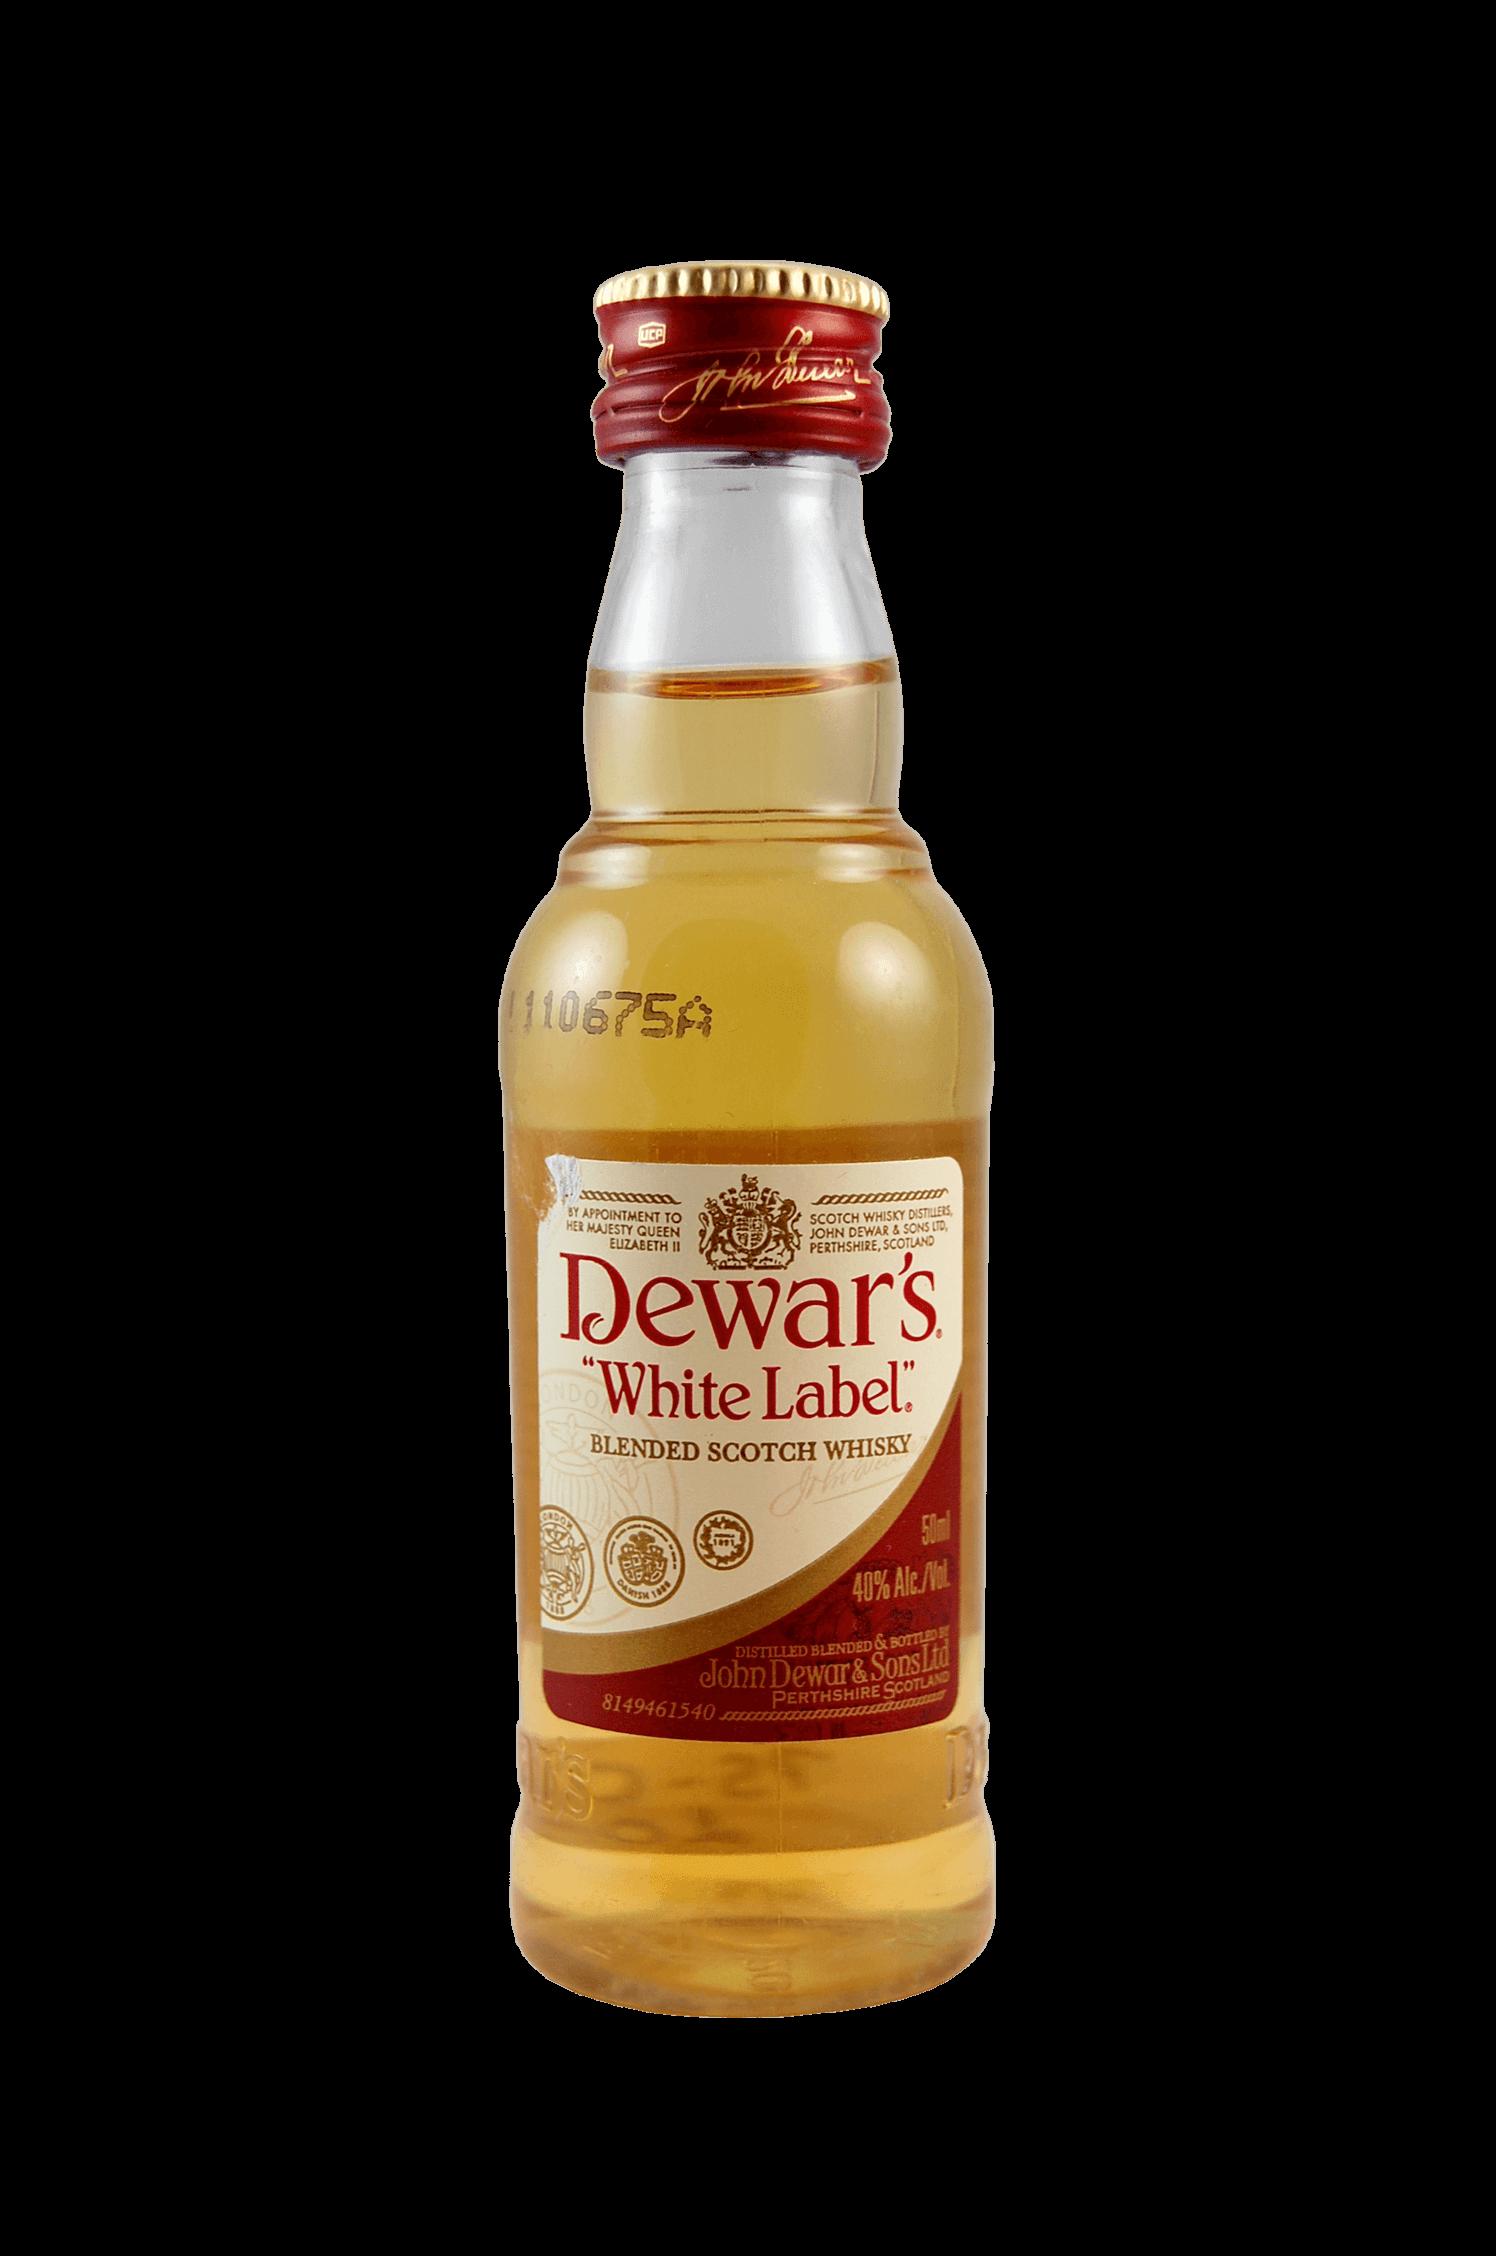 Dewar's White Label